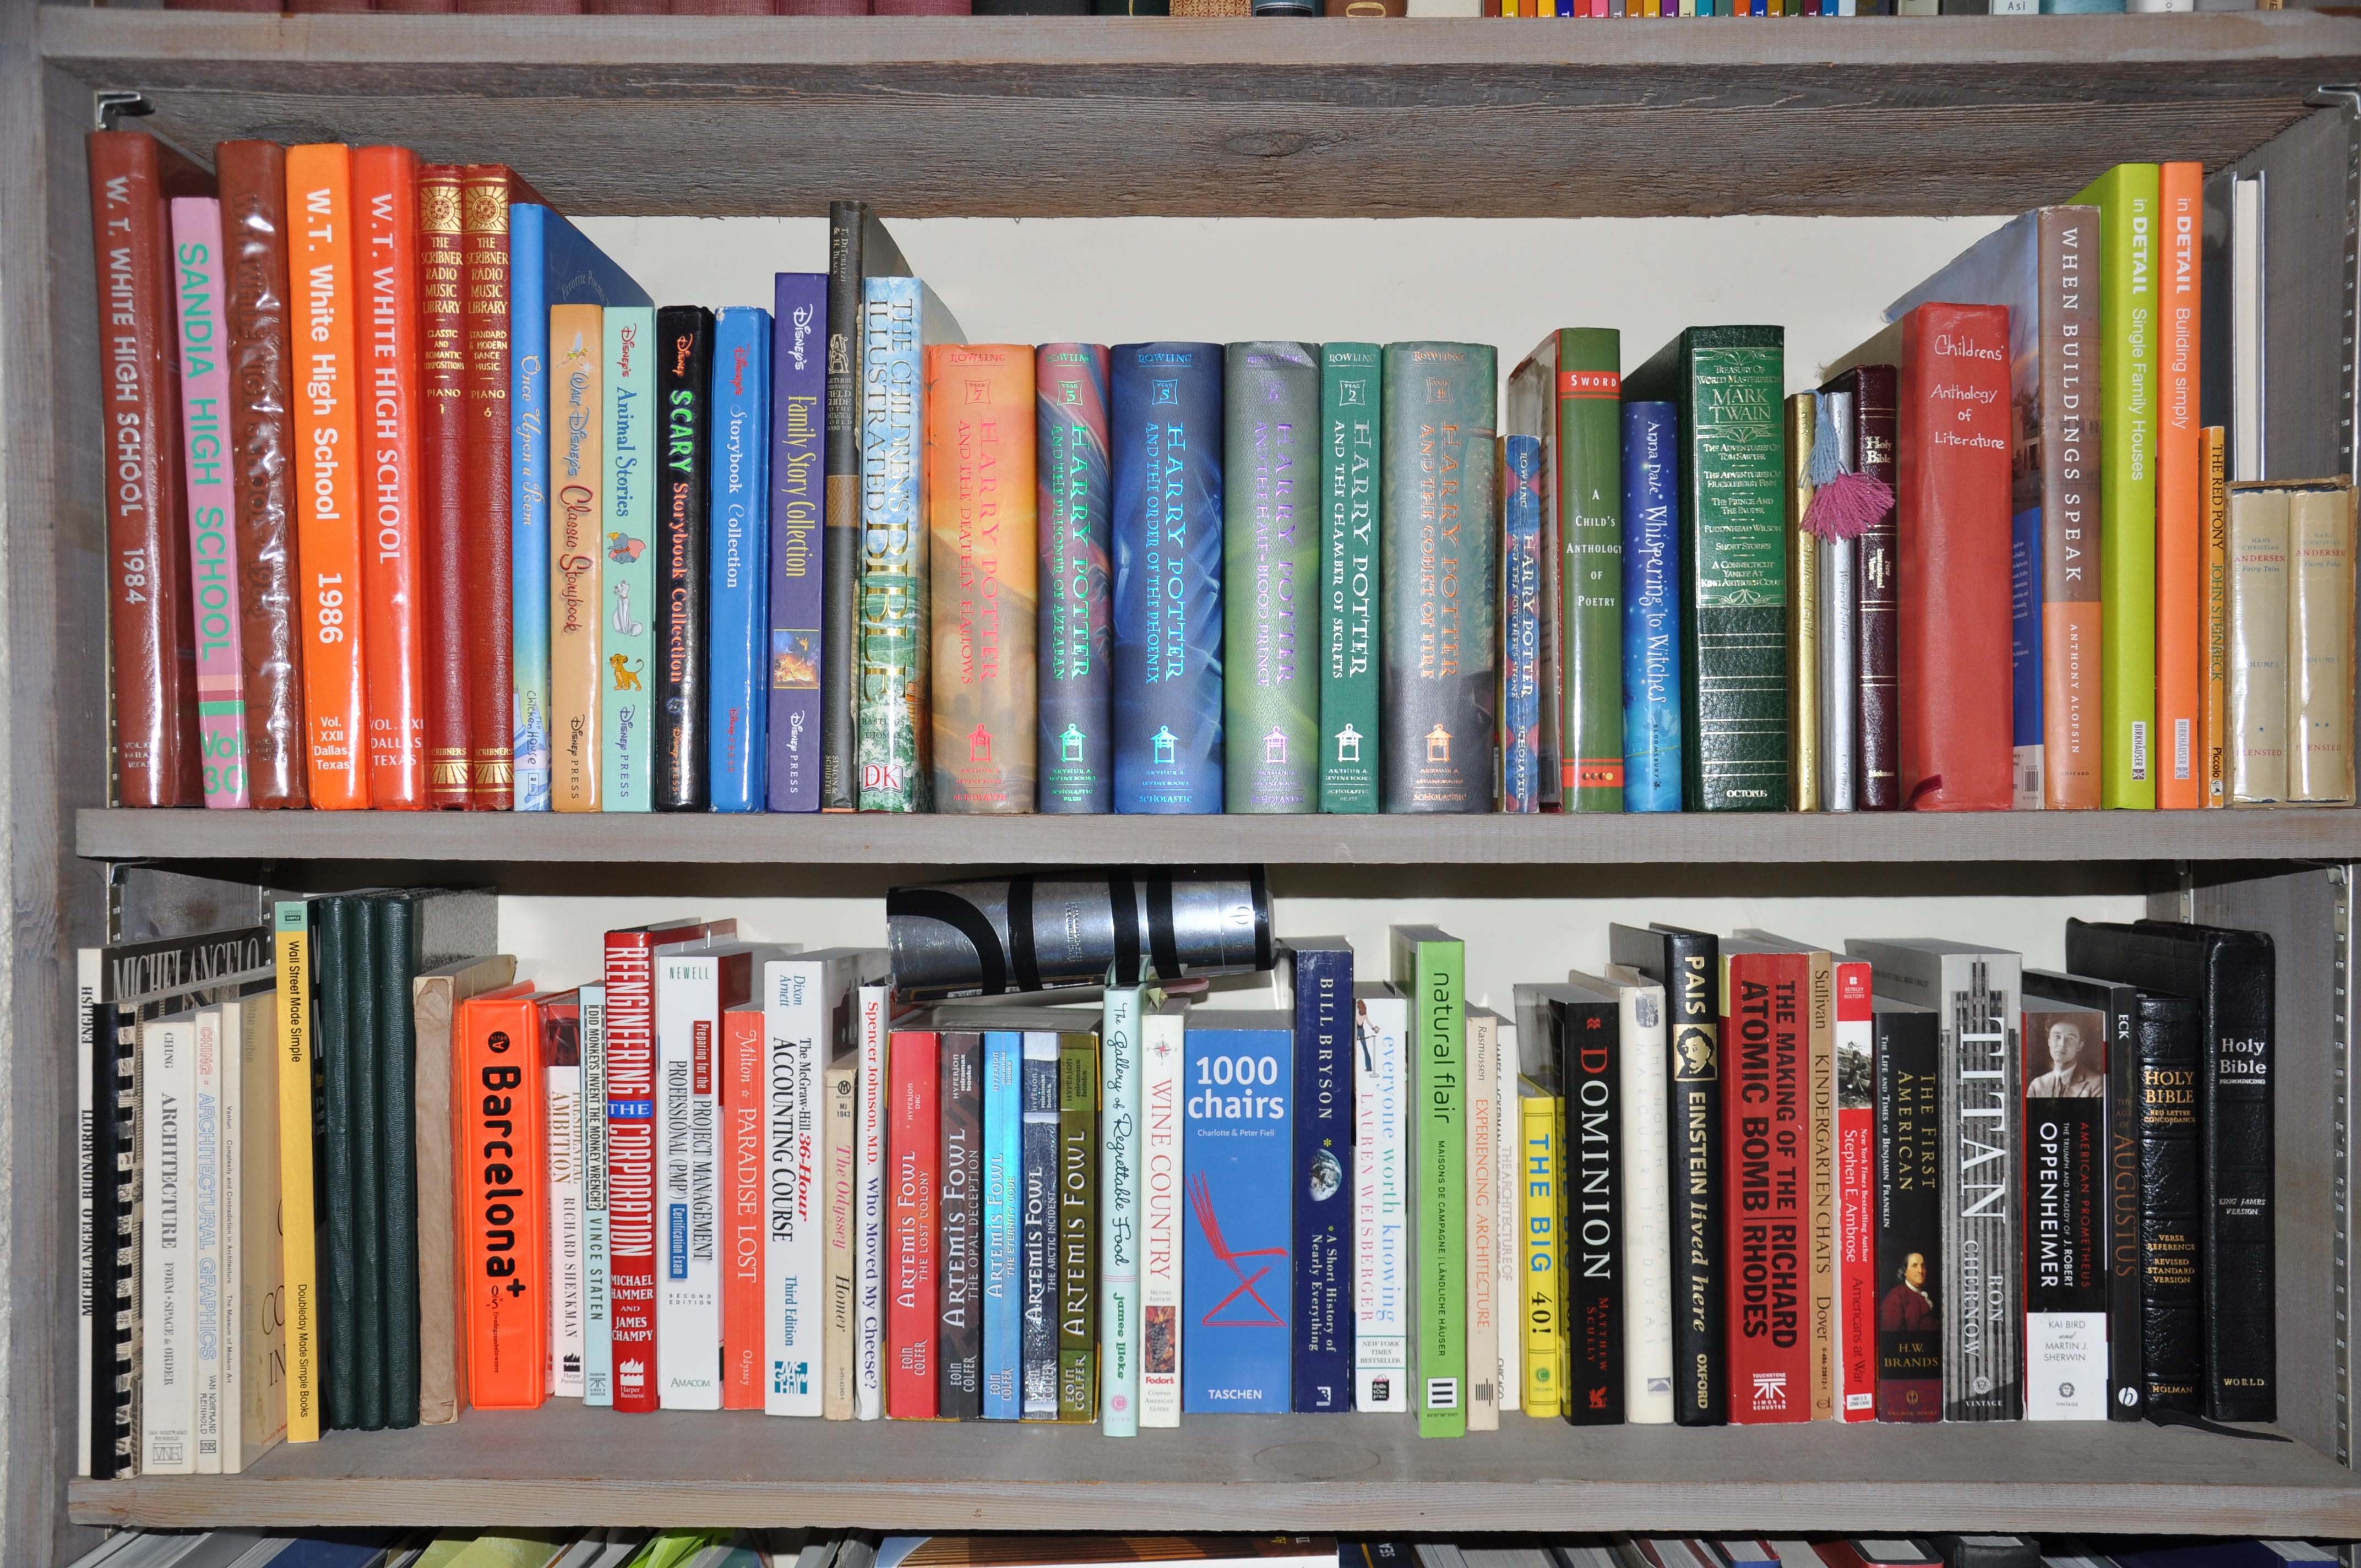 Book Donation Programs: Home